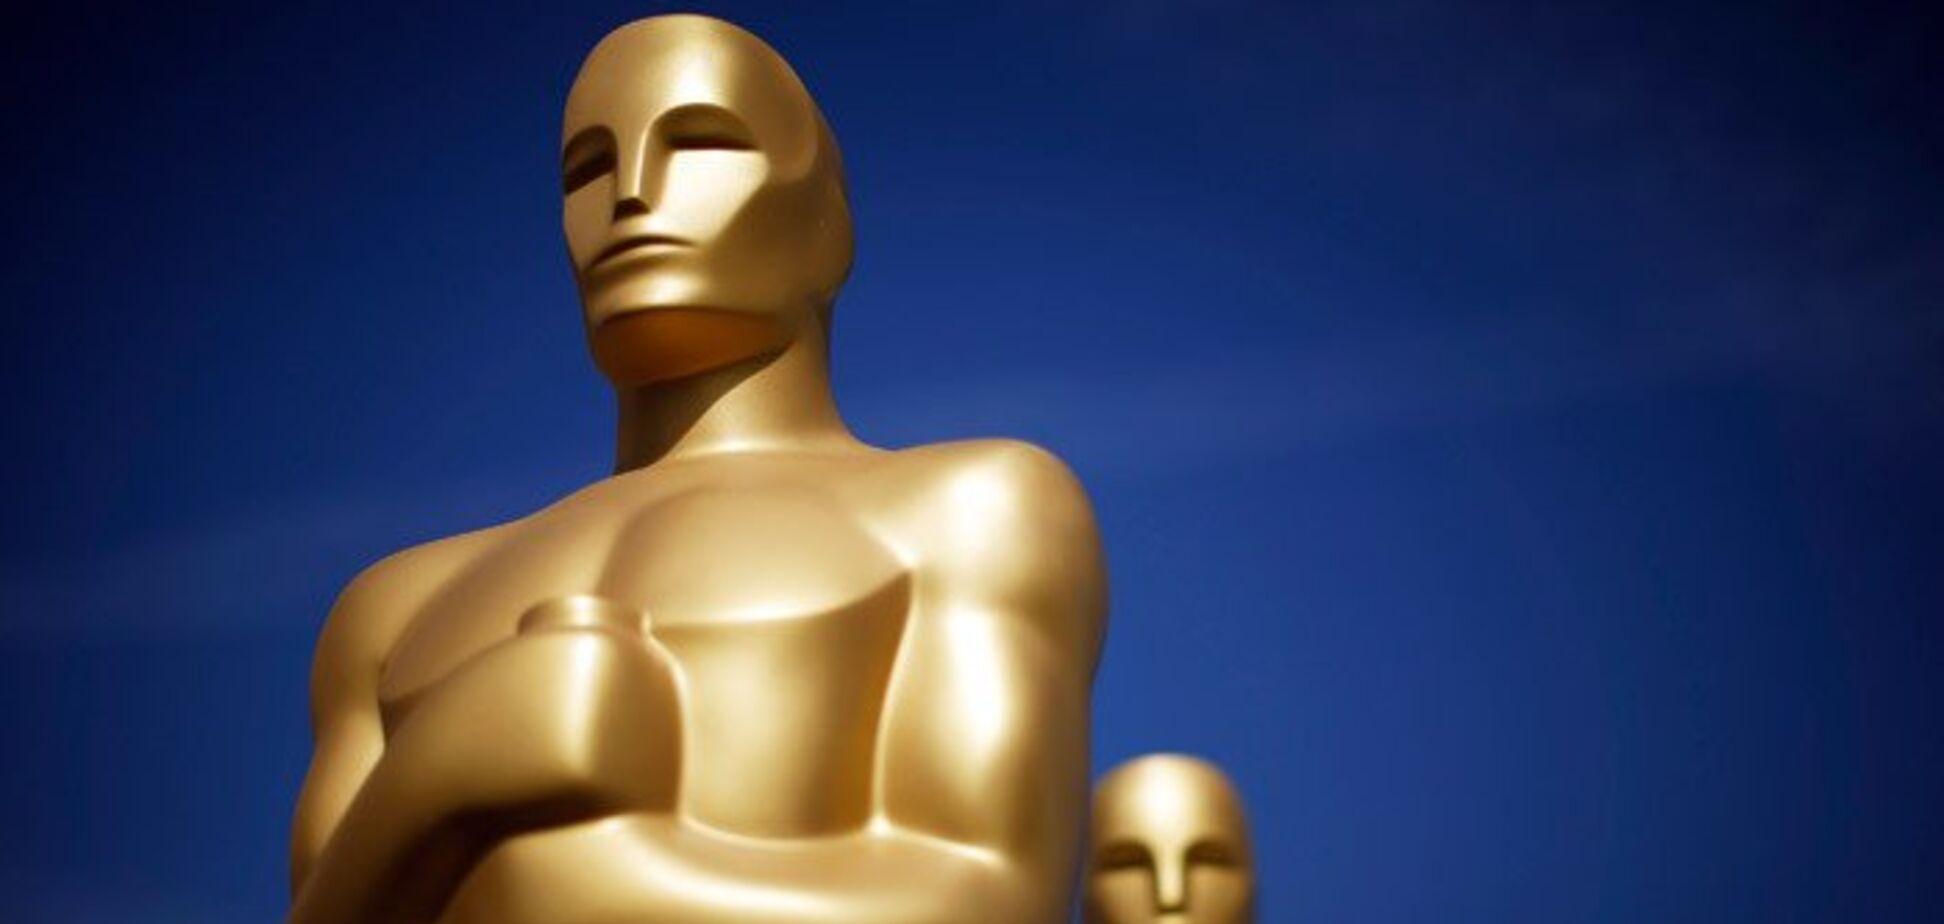 Как много вы знаете о премии ''Оскар'': любопытный тест